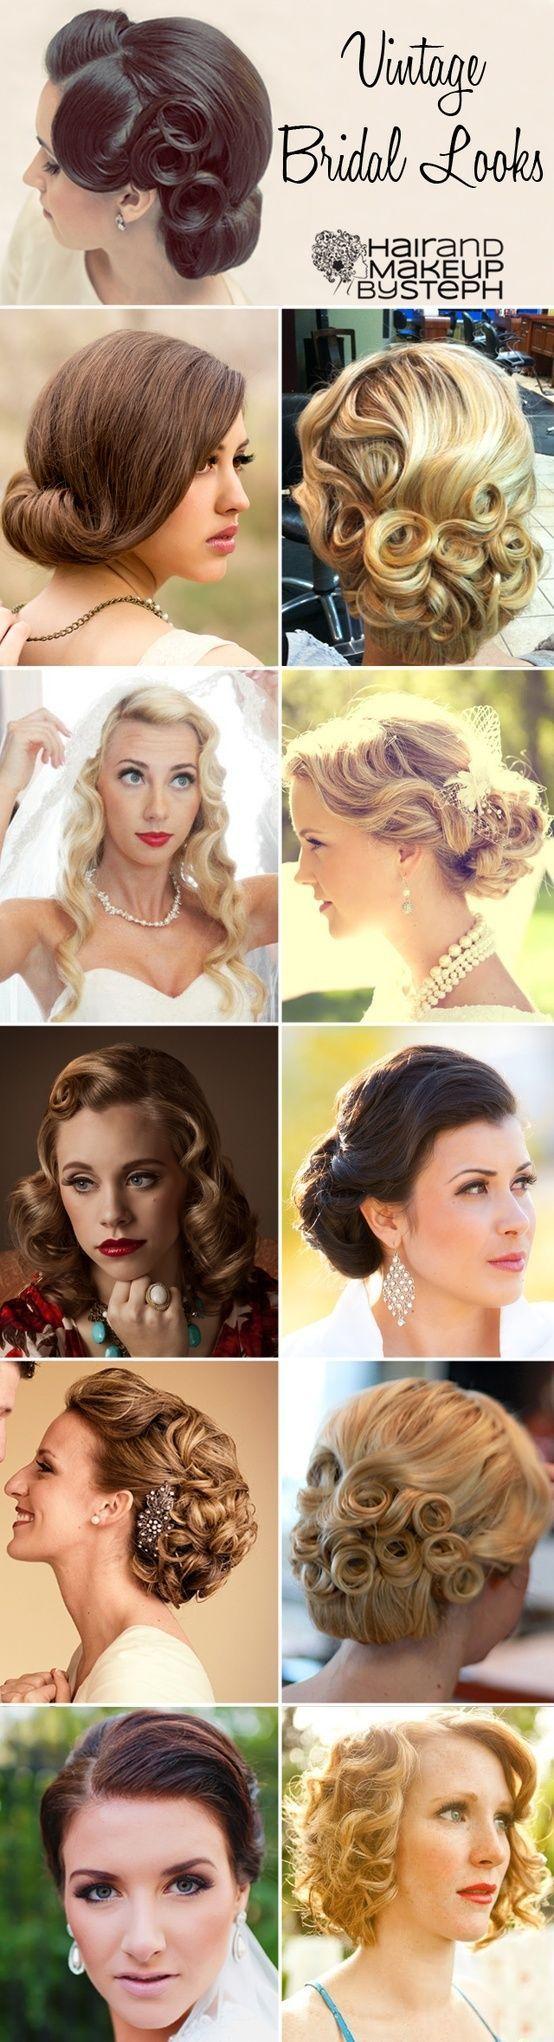 Si estás buscando peinados de novias vintage o retro, no te pierdas la selección de hoy porque te dejará sin palabras. Ideas de peinados muy románticos